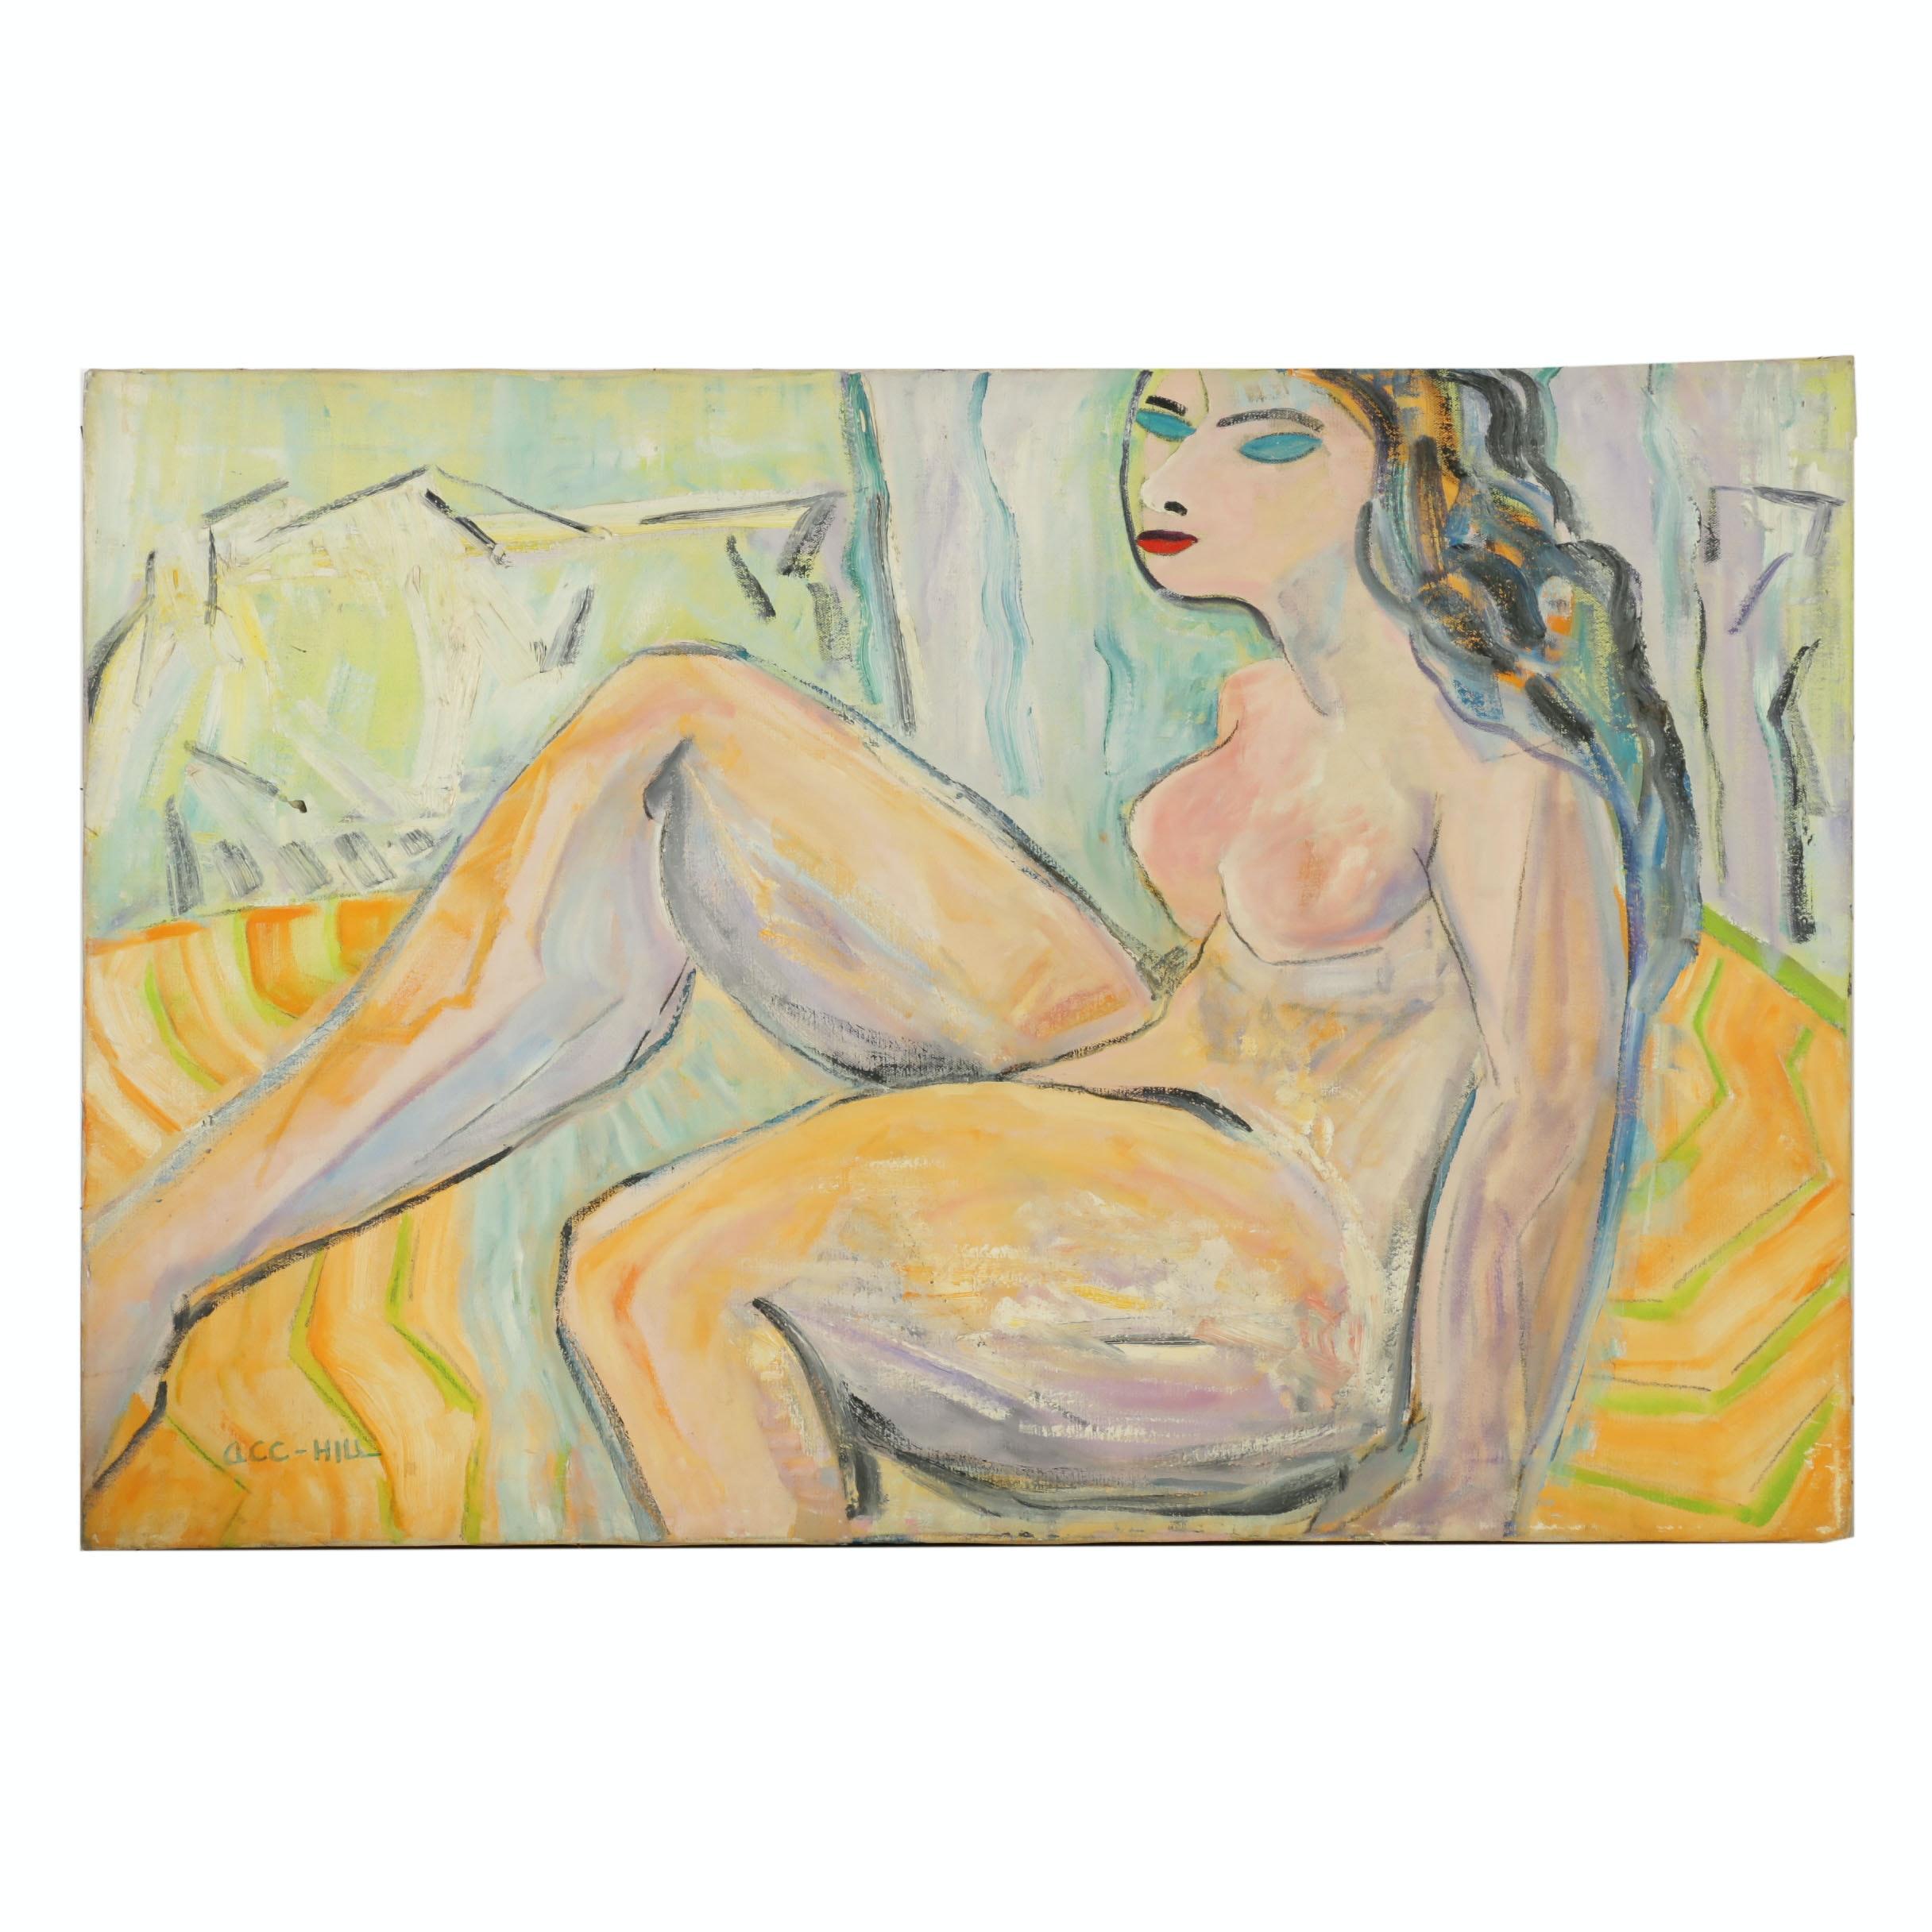 """A.C.C. Hill Oil Painting """"Esmerelda"""""""